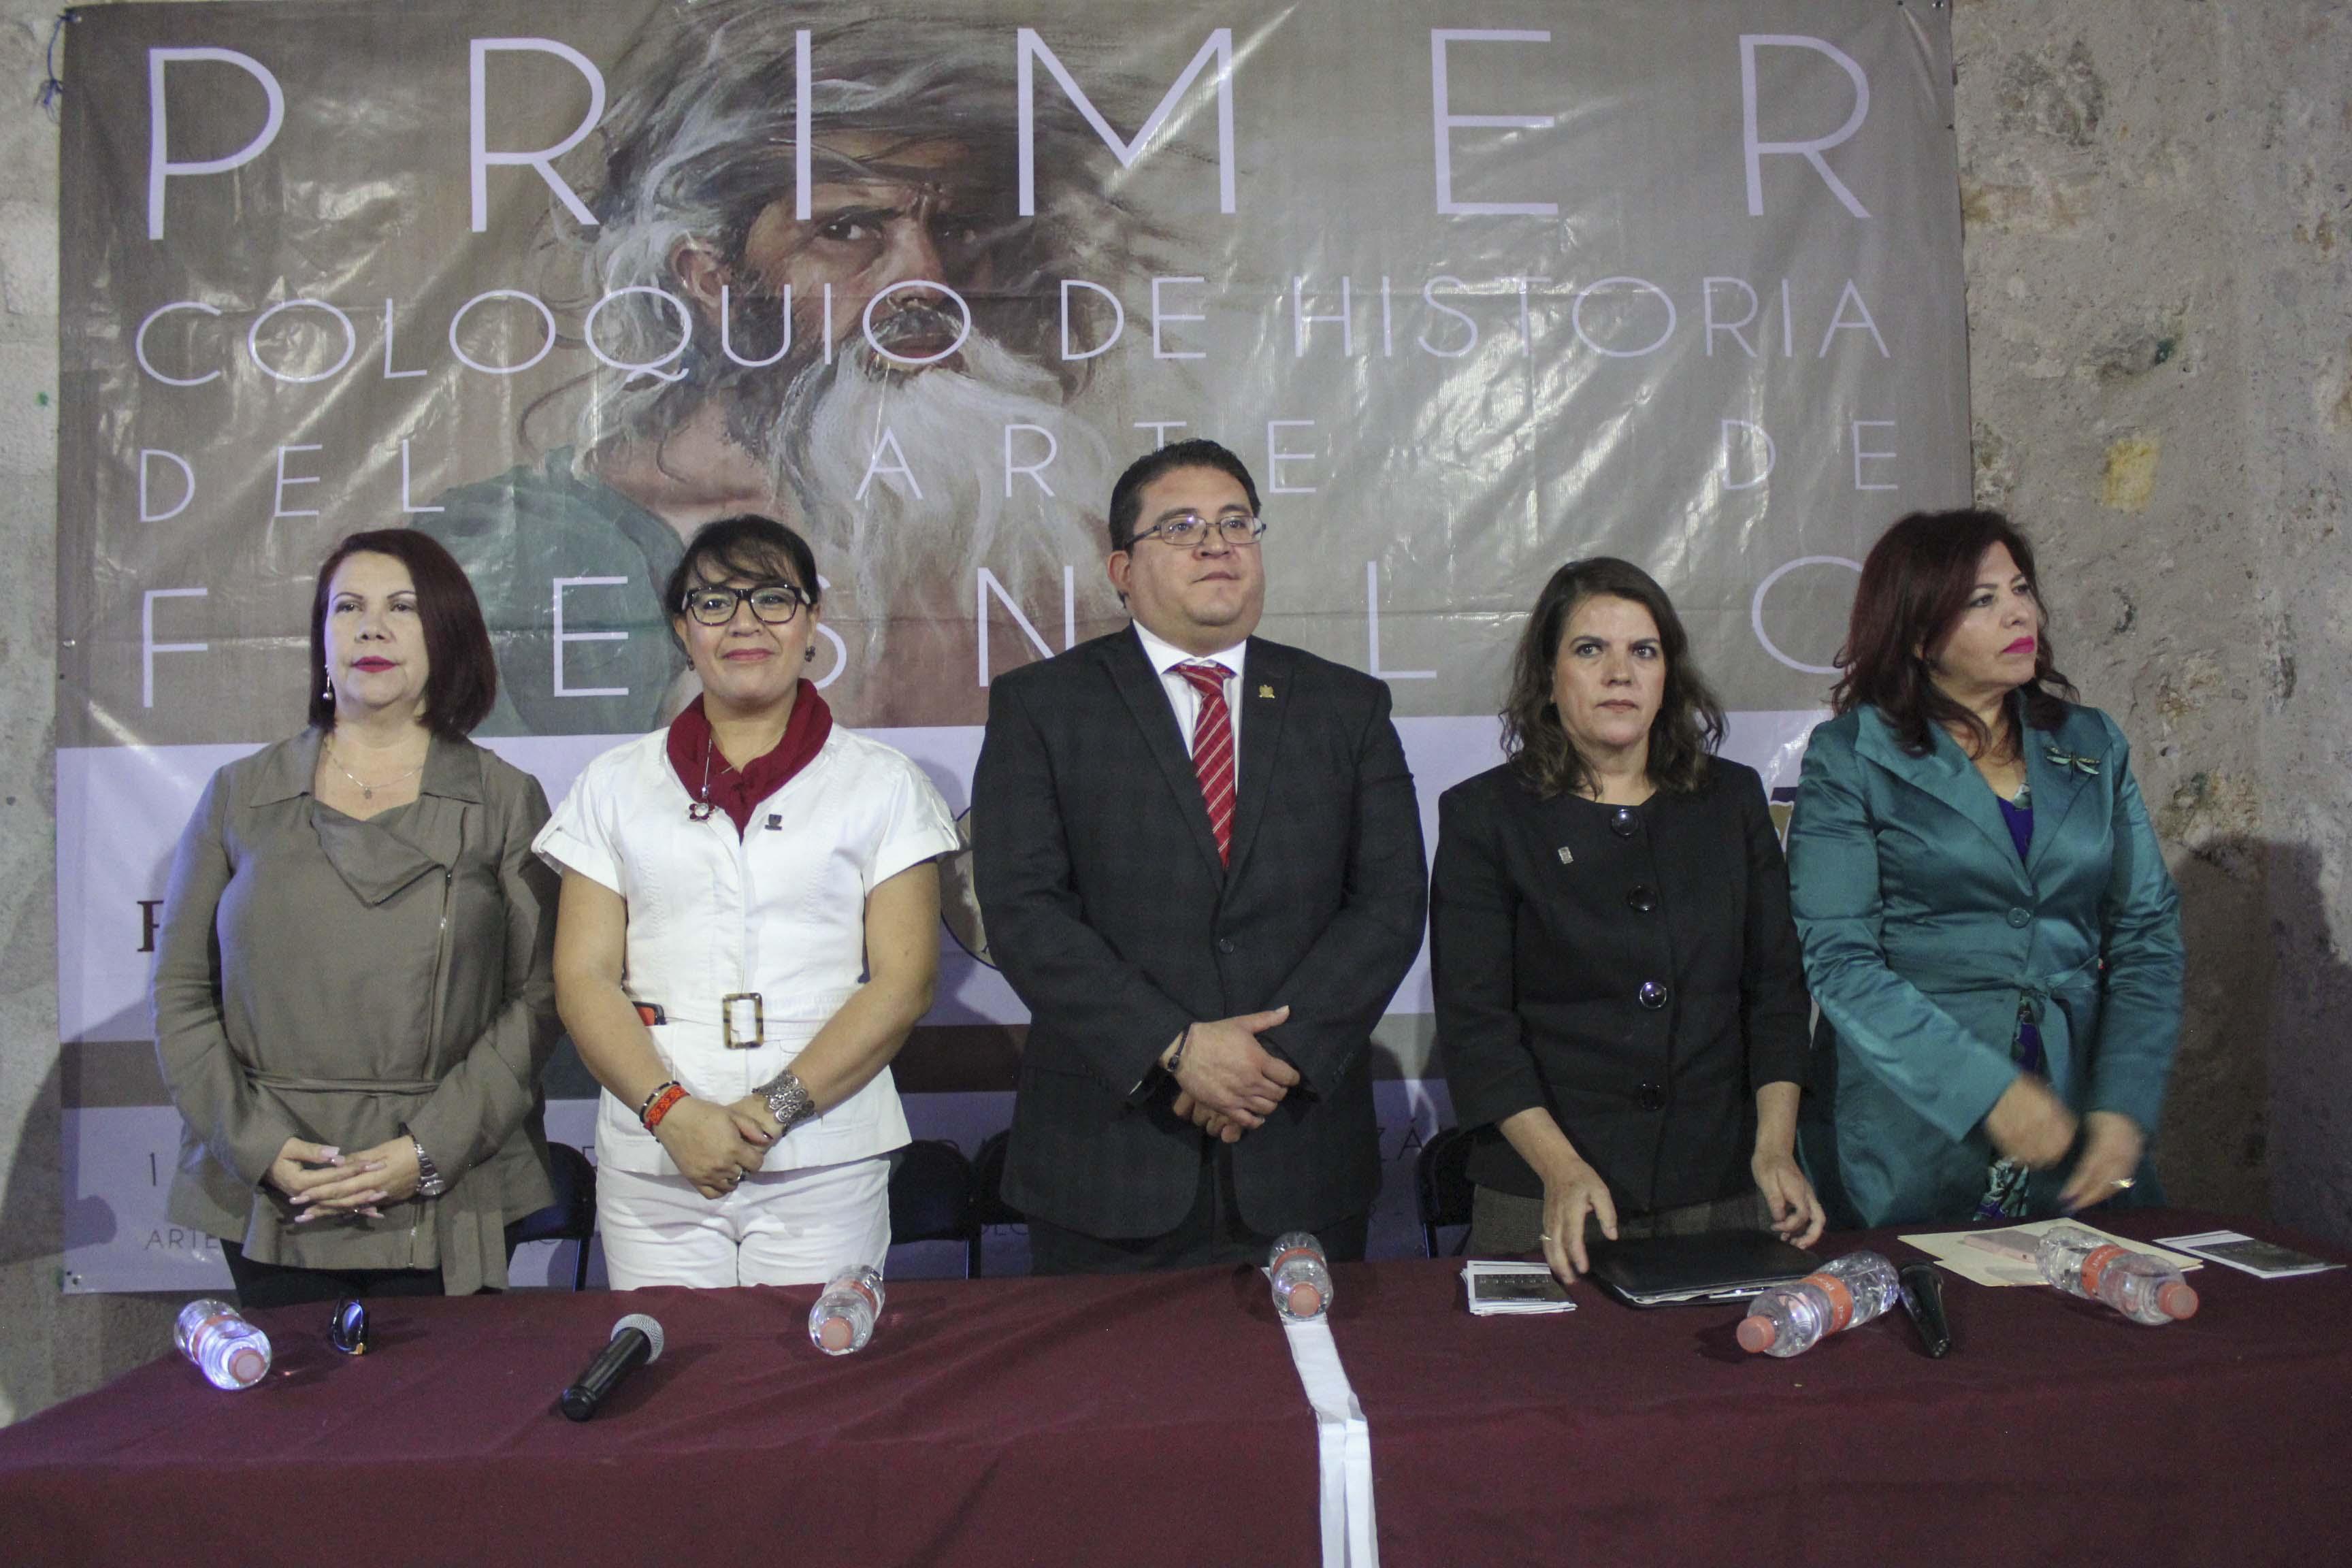 INAUGURAN PRIMER COLOQUIO DE HISTORIA DEL ARTE DE FRESNILLO